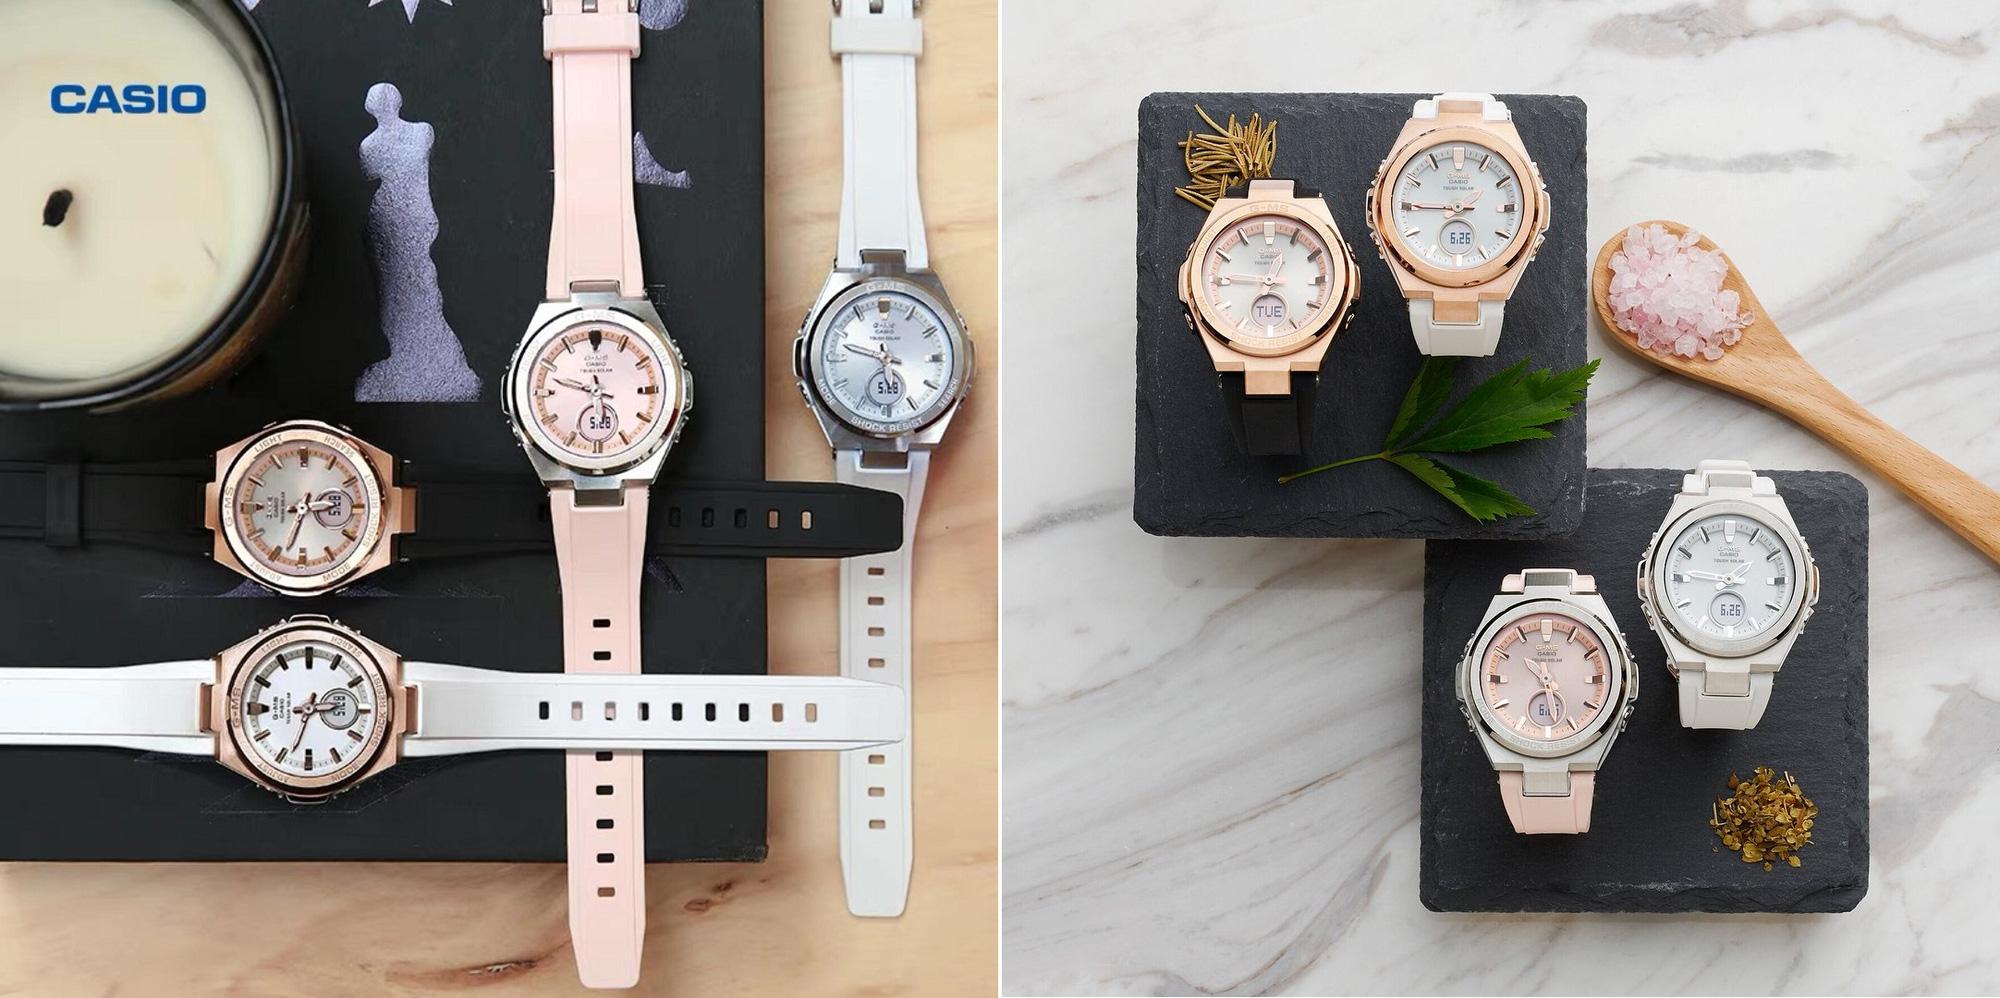 """Đồng hồ Casio cho cô gái """"trưởng thành"""": Mix theo phong cách đường phố hay quý cô đều cực """"chất"""" - Ảnh 7."""